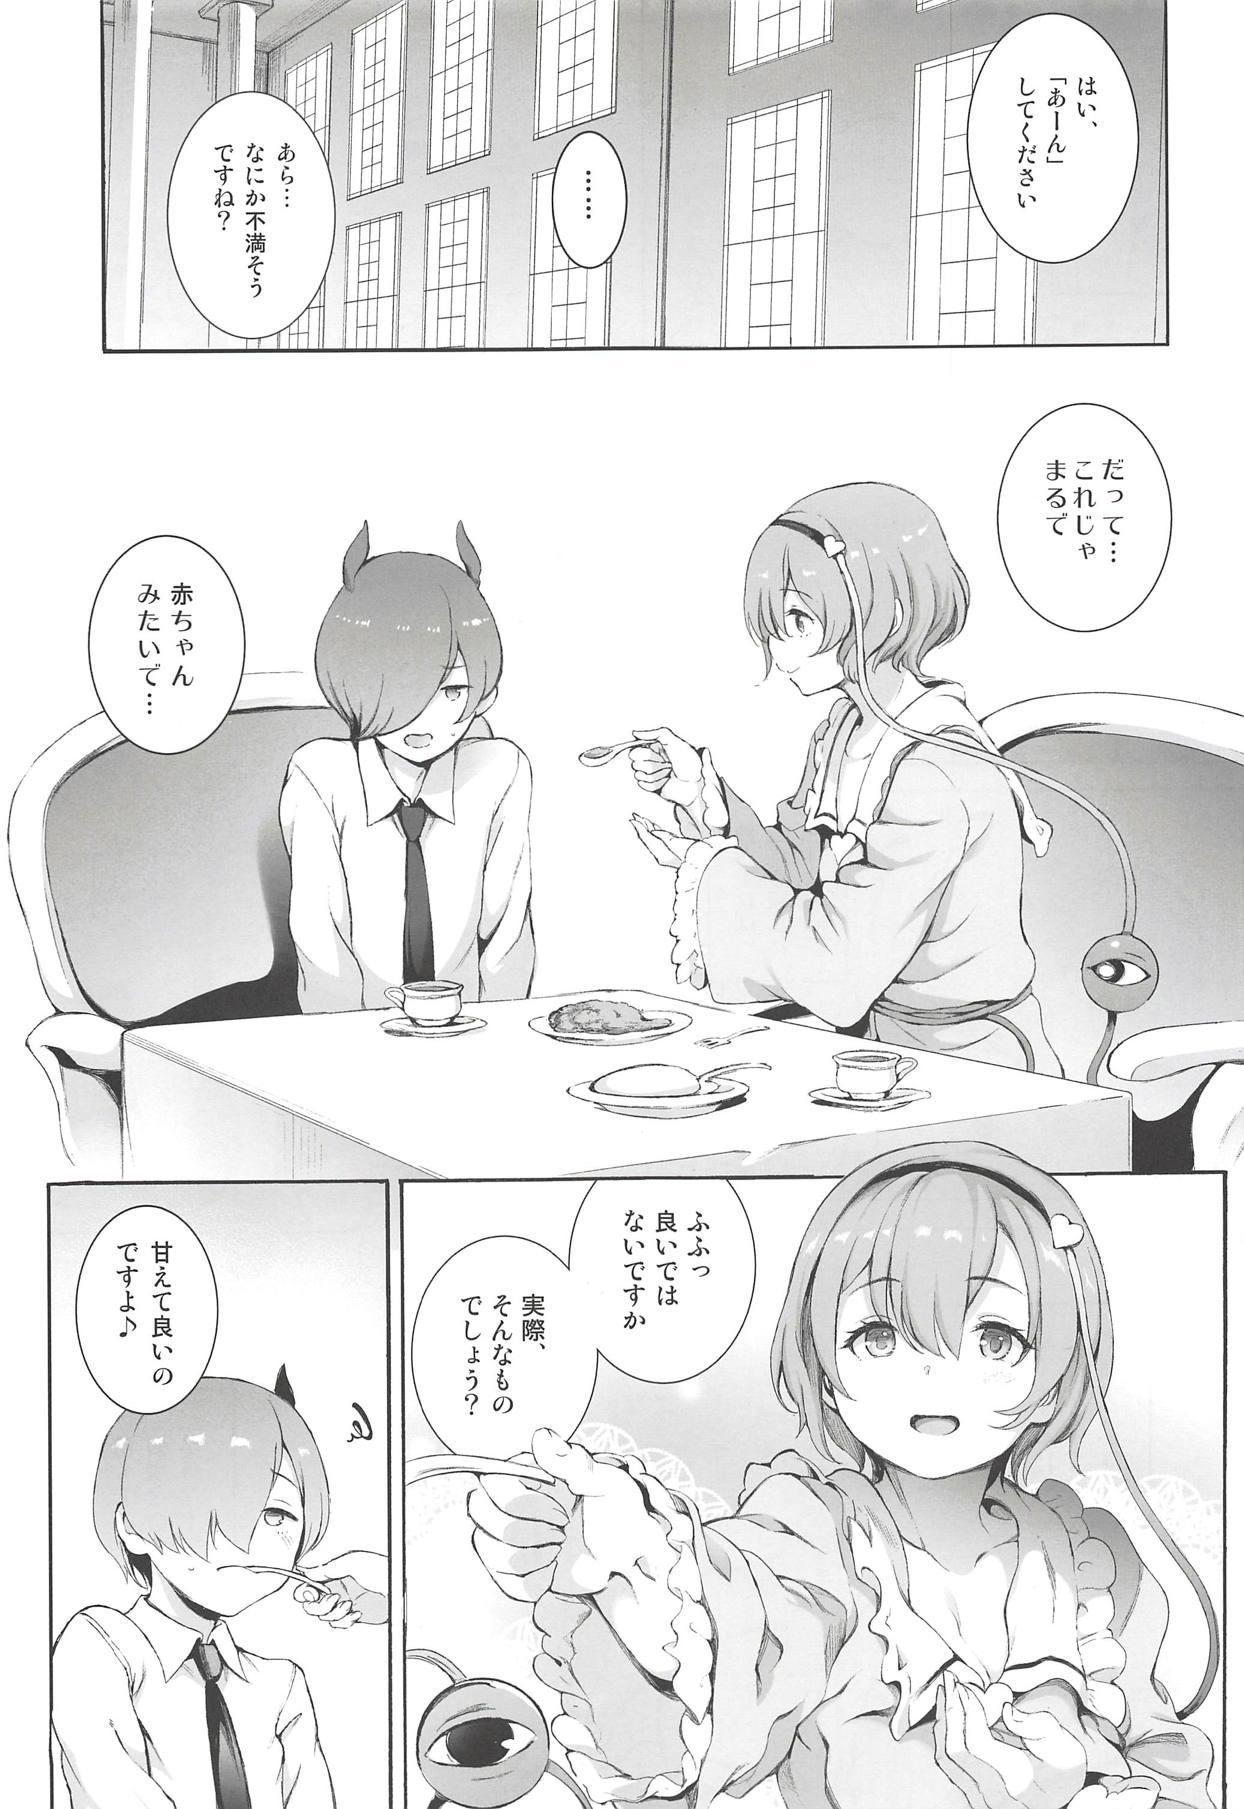 Satori-sama Generation 1